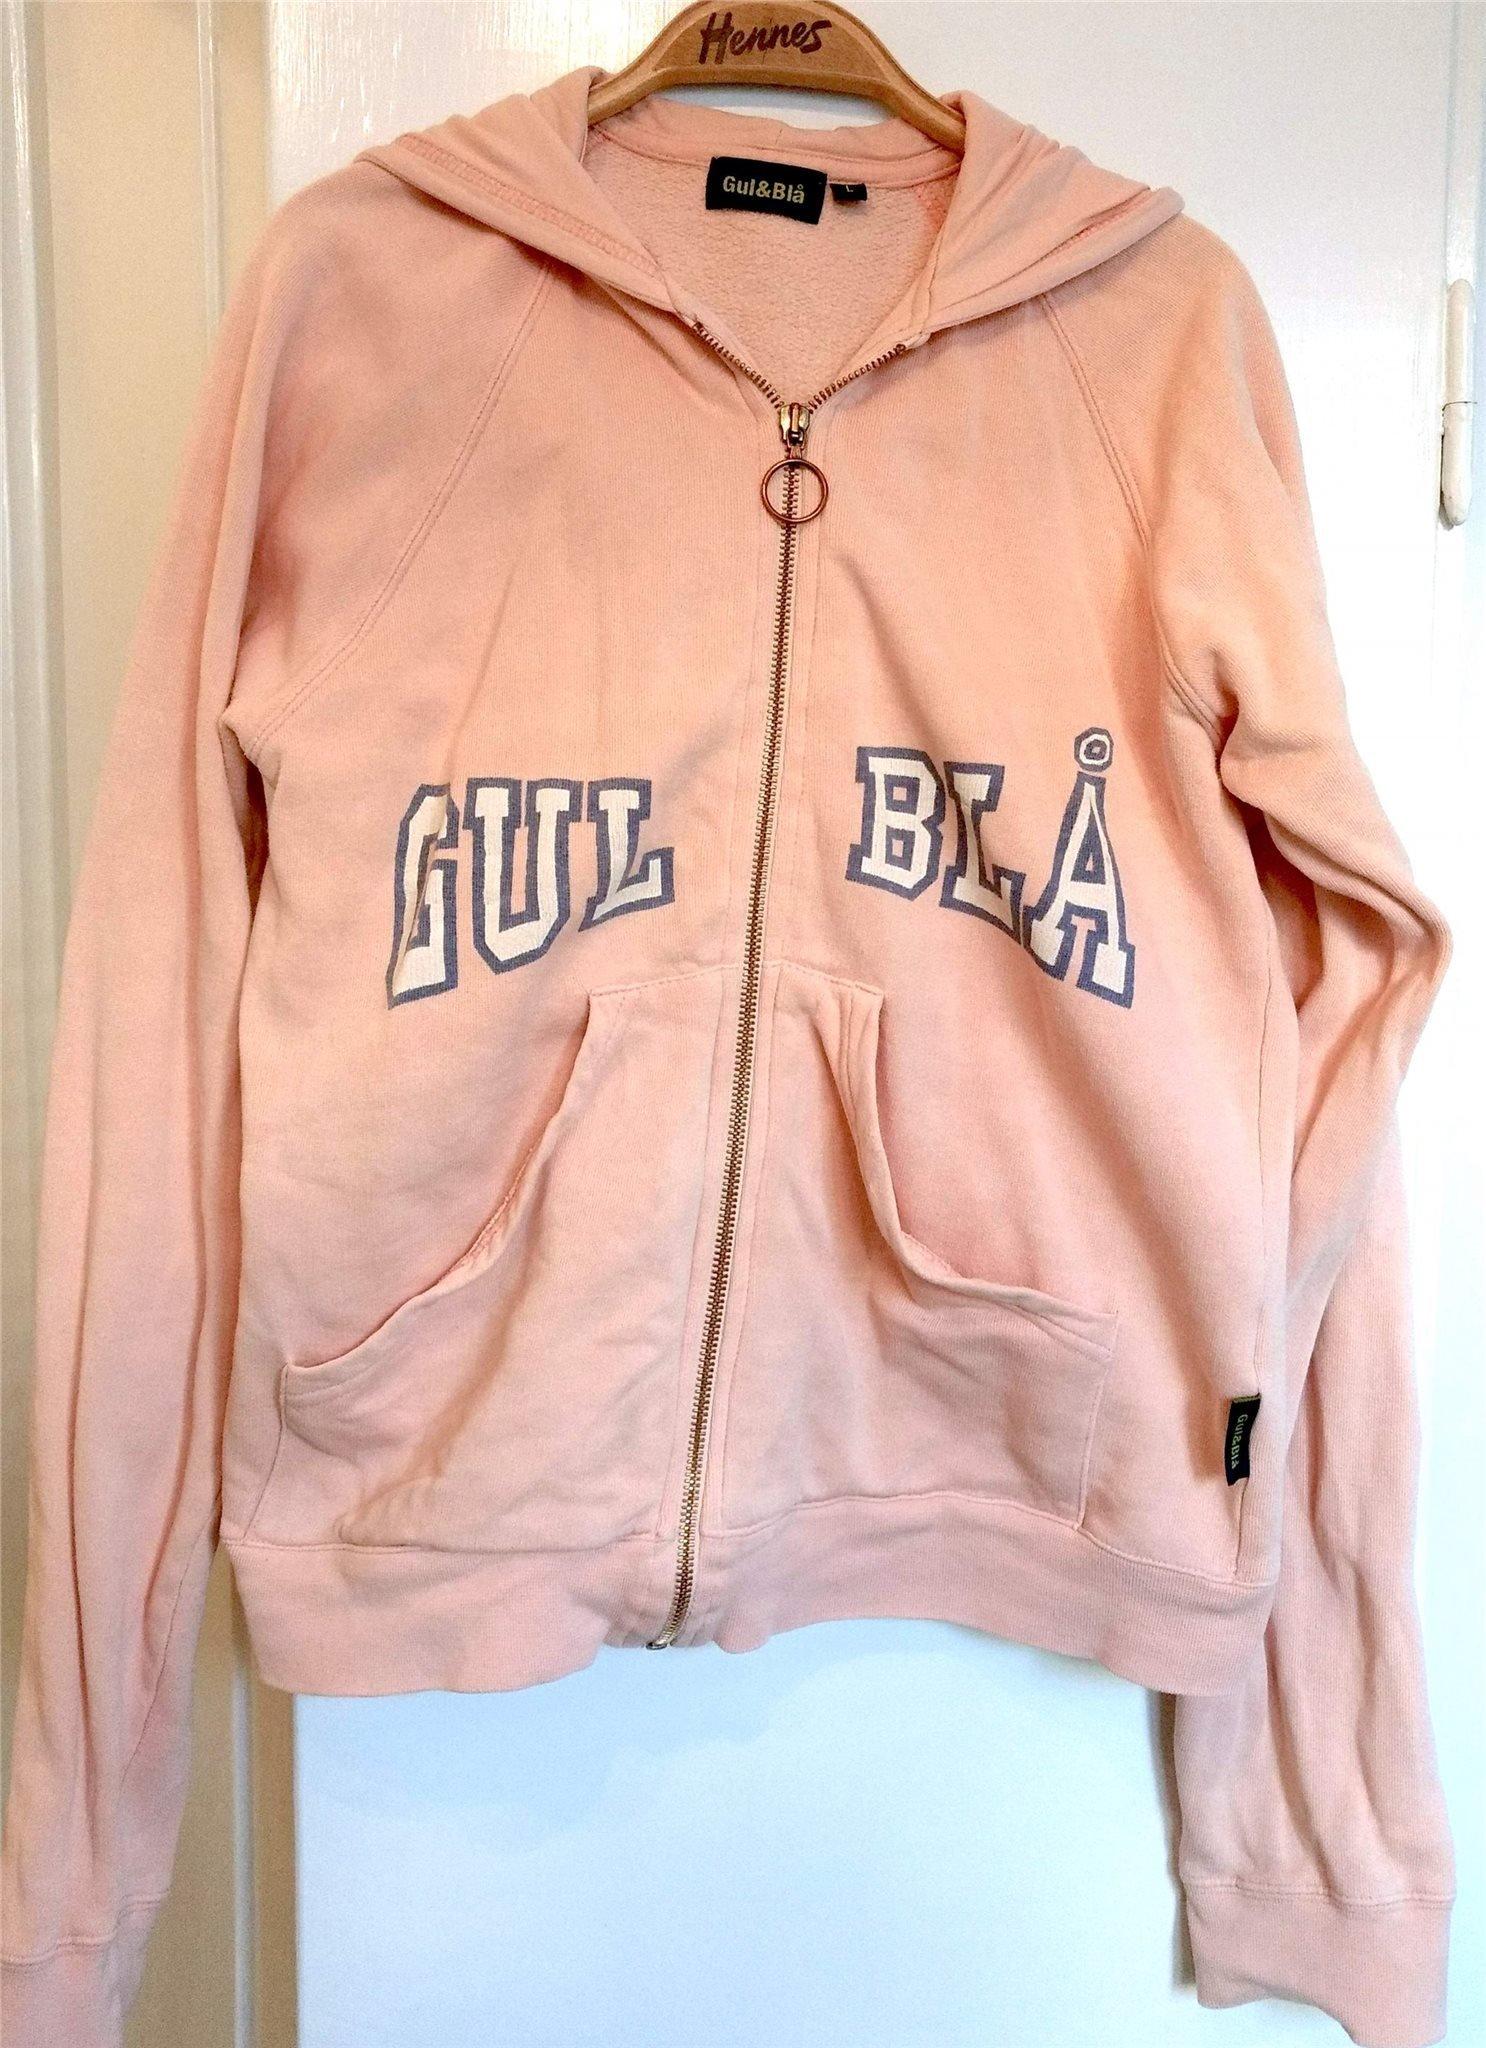 Vintage huvtröja hoodie Gul och Blå, 90 tal, .. (422421312